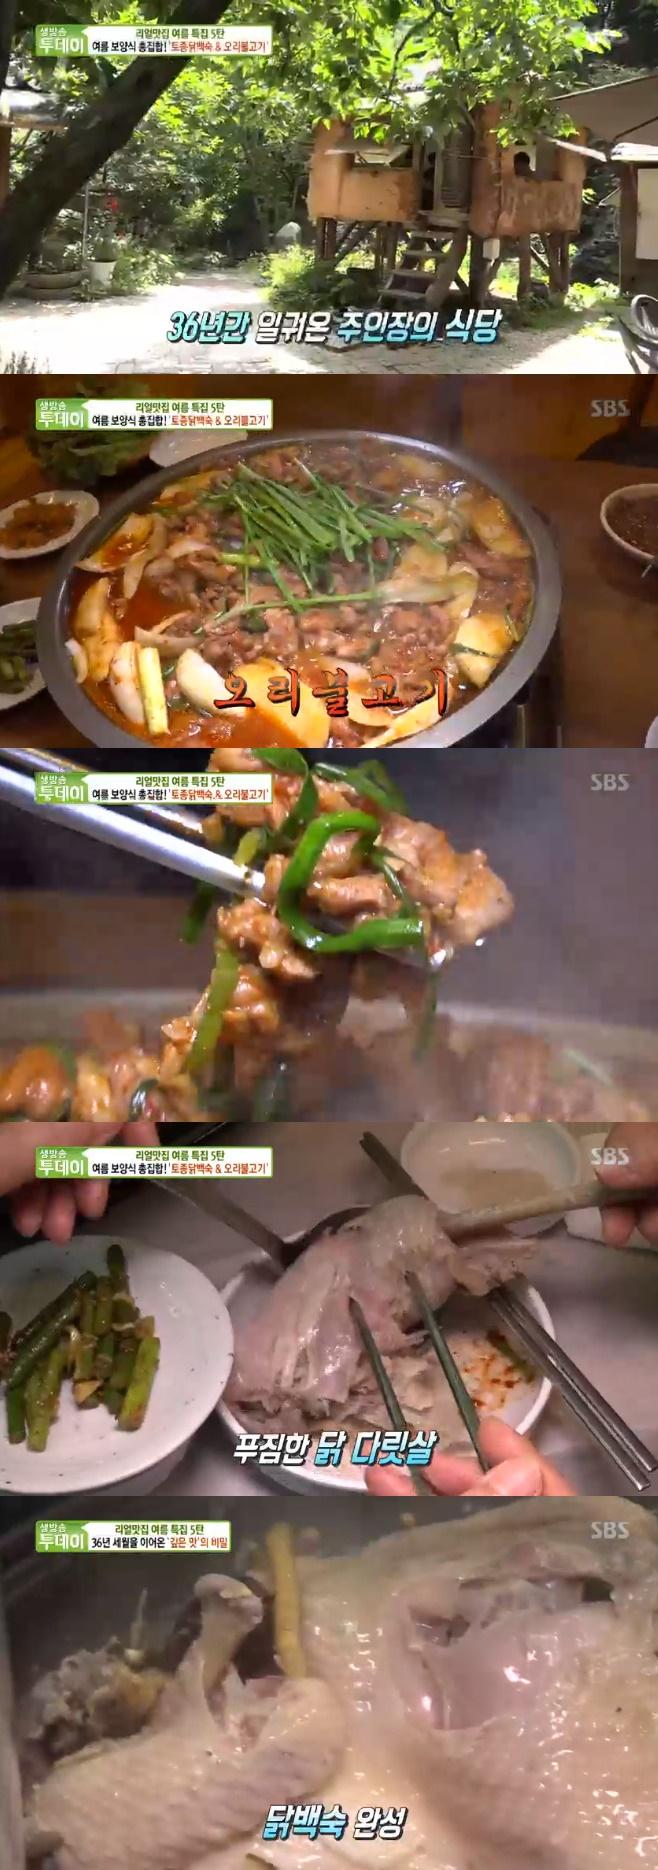 생방송 투데이, 토종닭백숙, 오리불고기